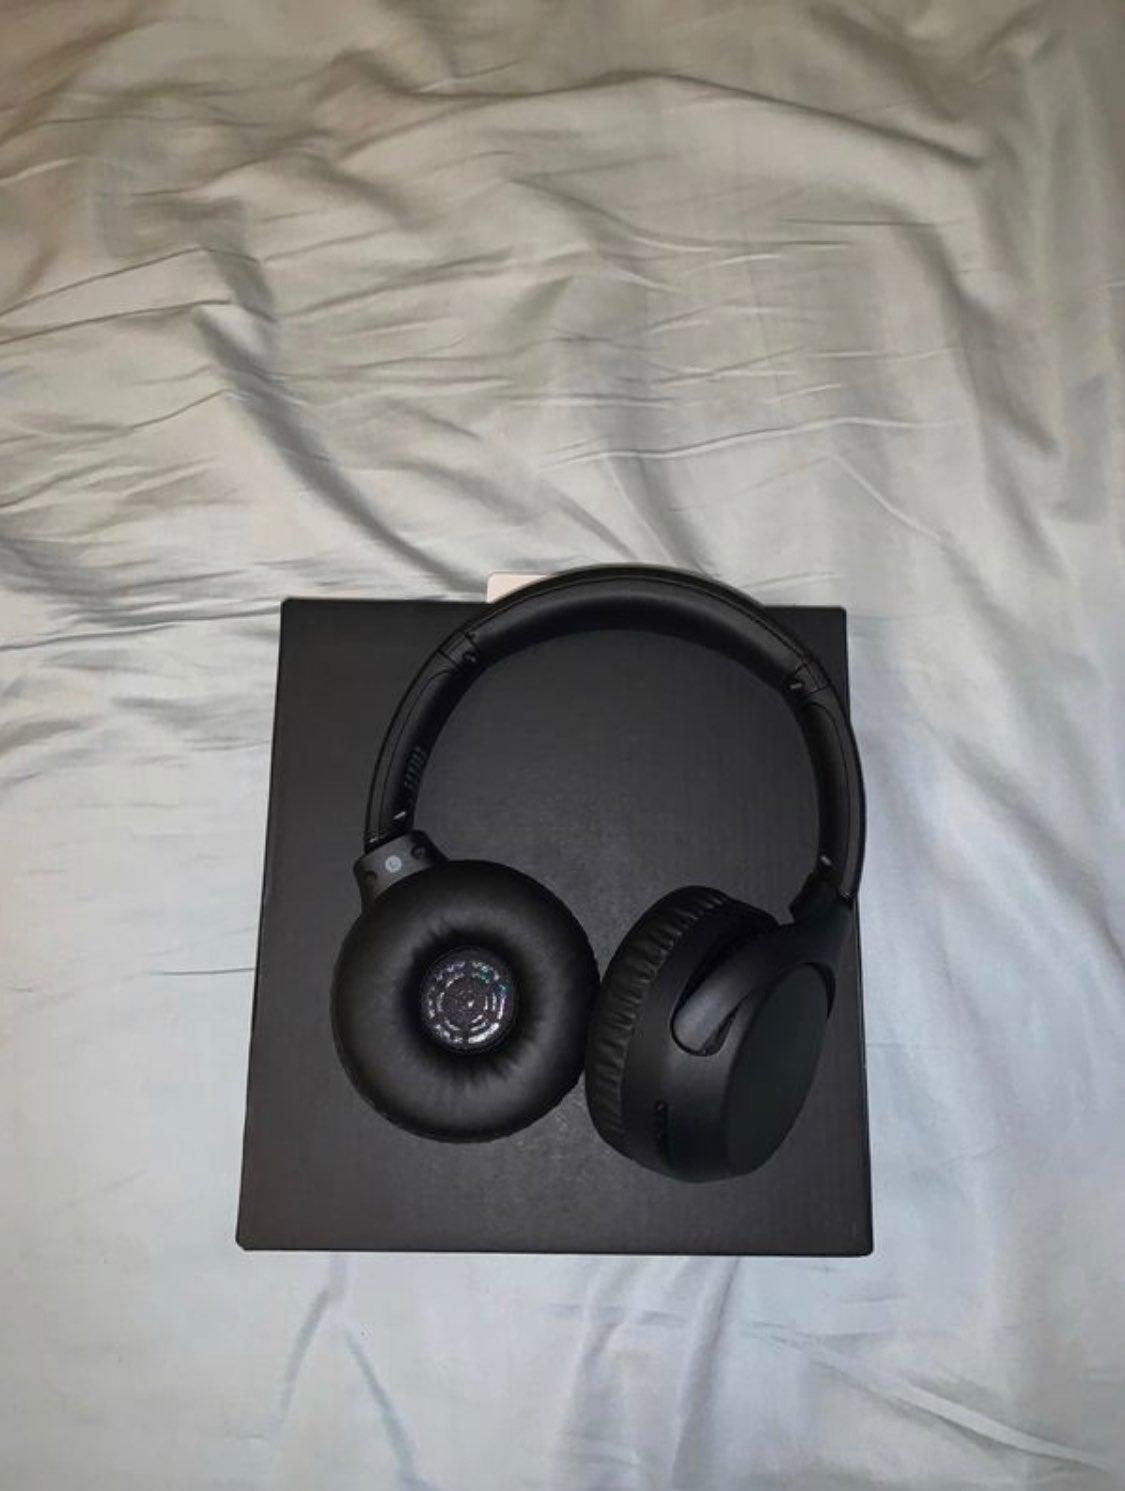 Sony Headphones WH-XB700